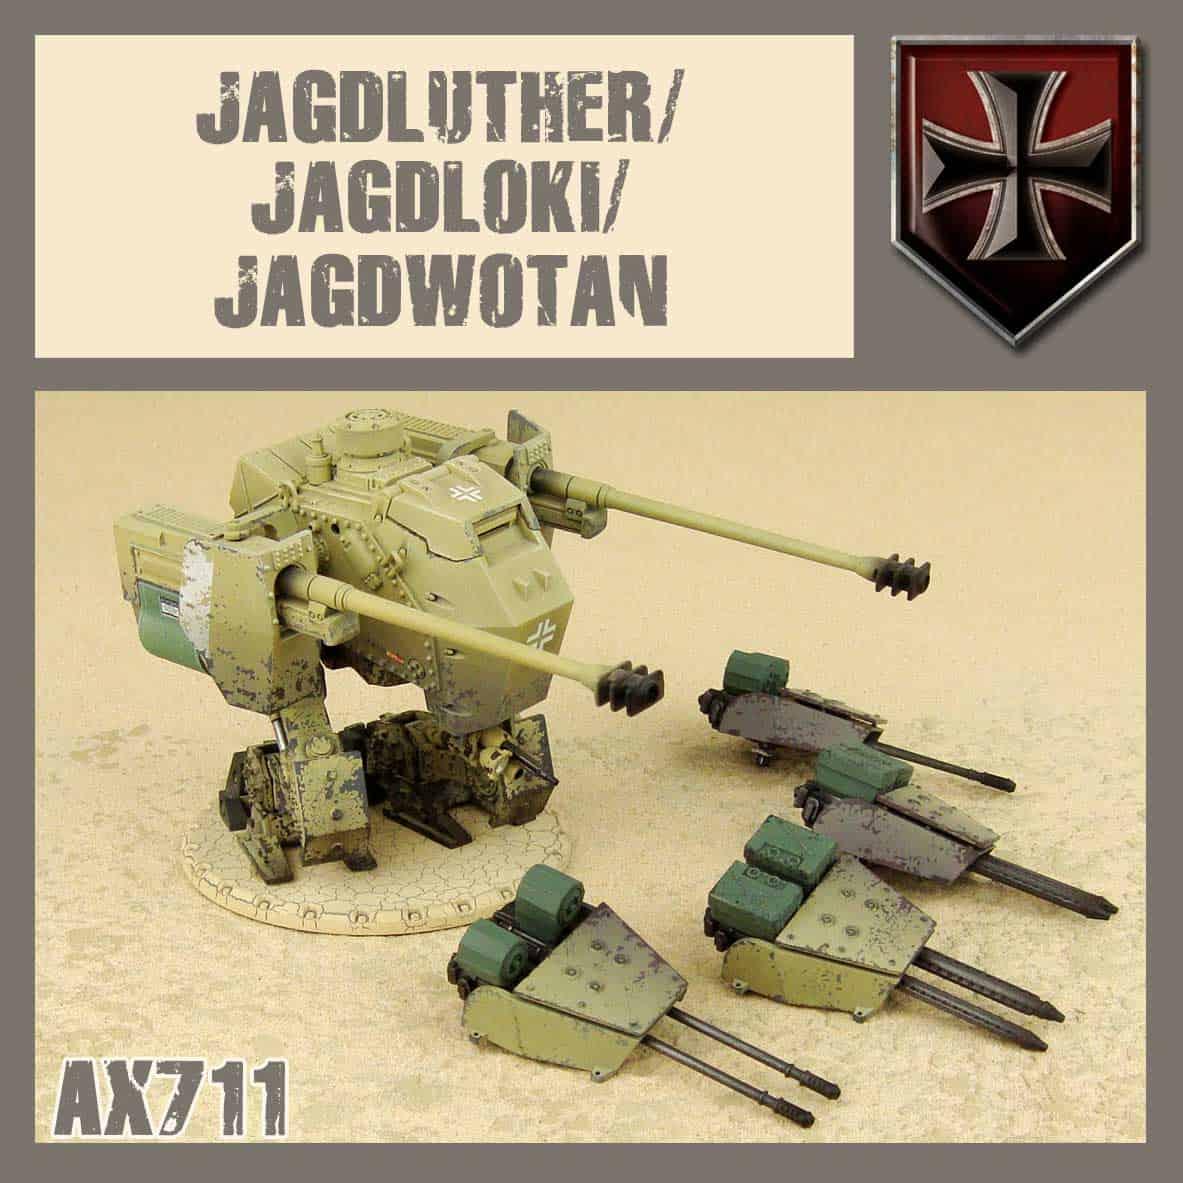 Jagdluther/Jagdwotan/Jagdloki